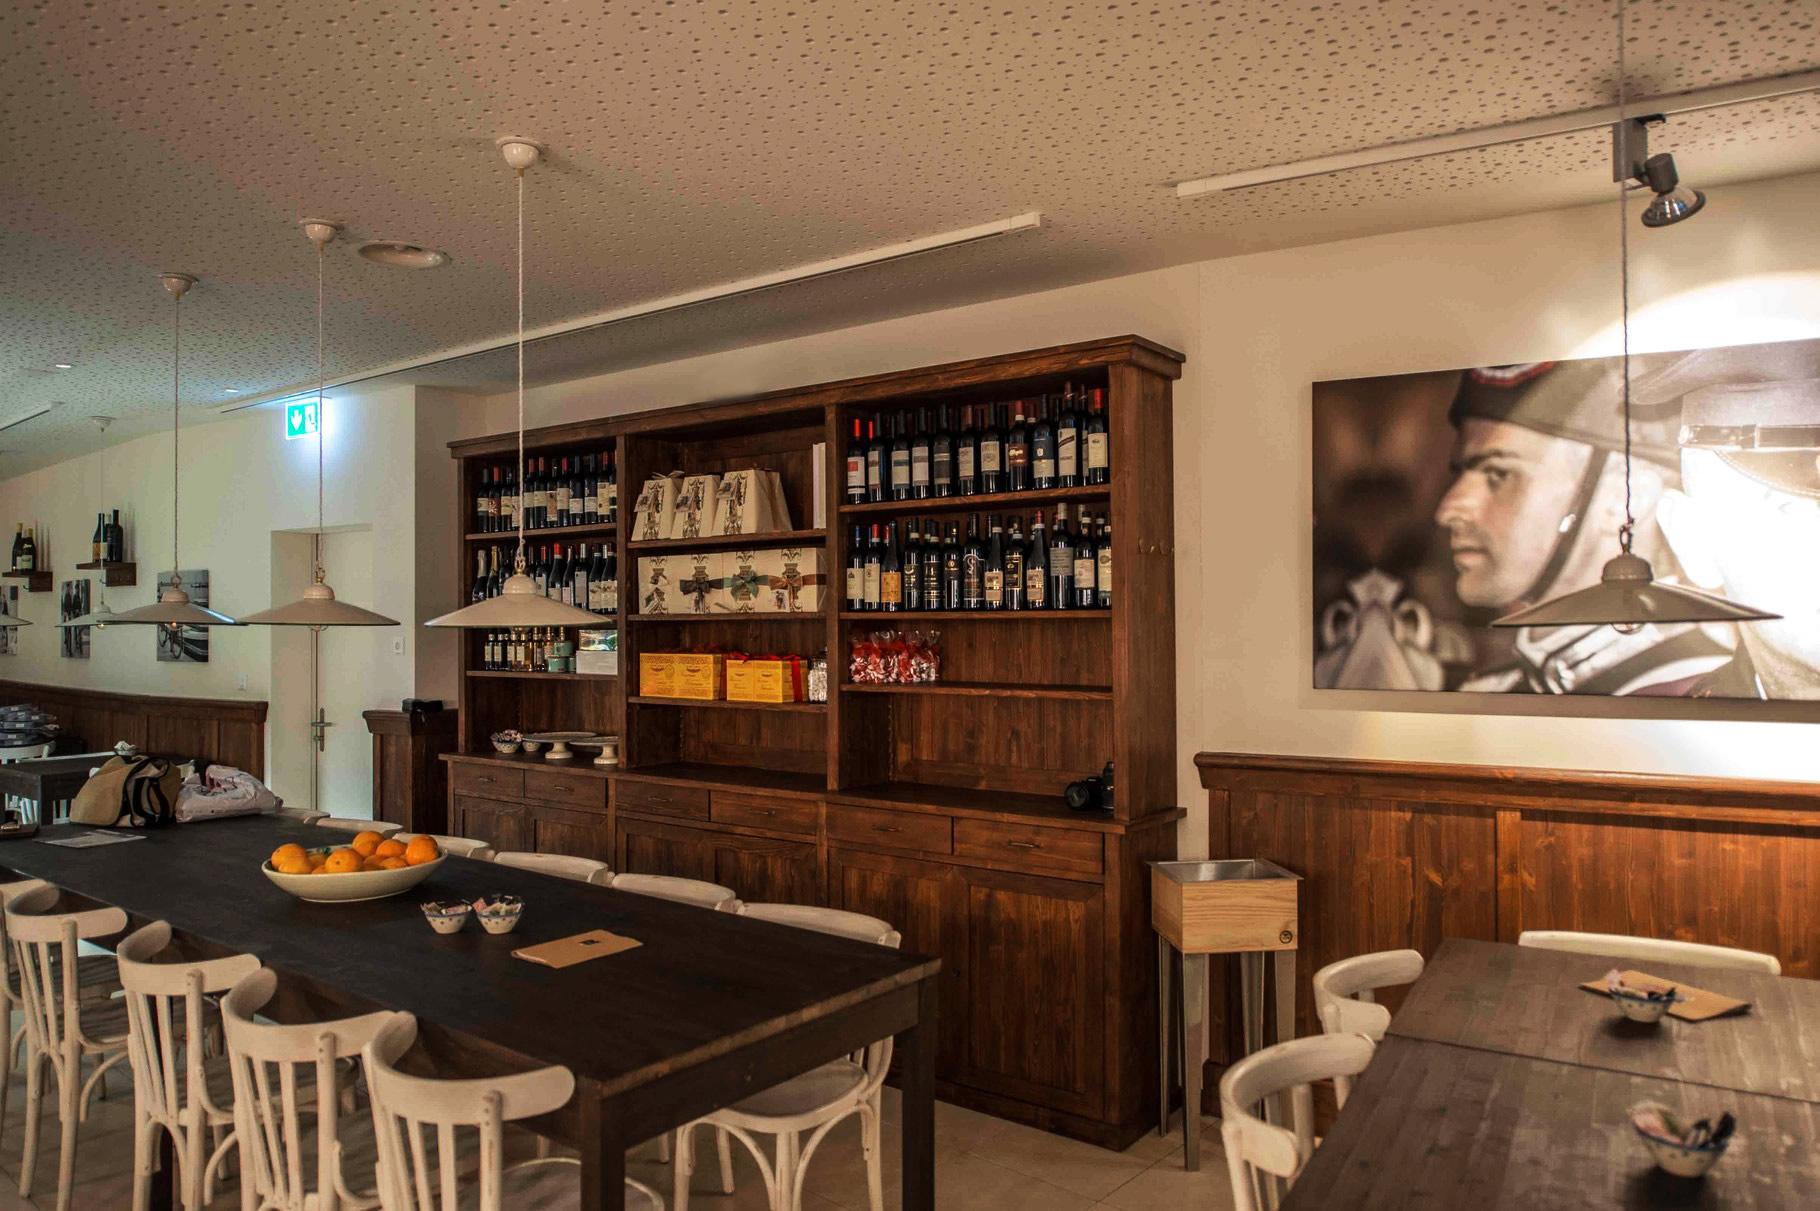 Arredamenti per enoteche trattorie ristoranti e alberghi for Arredamenti per ristoranti